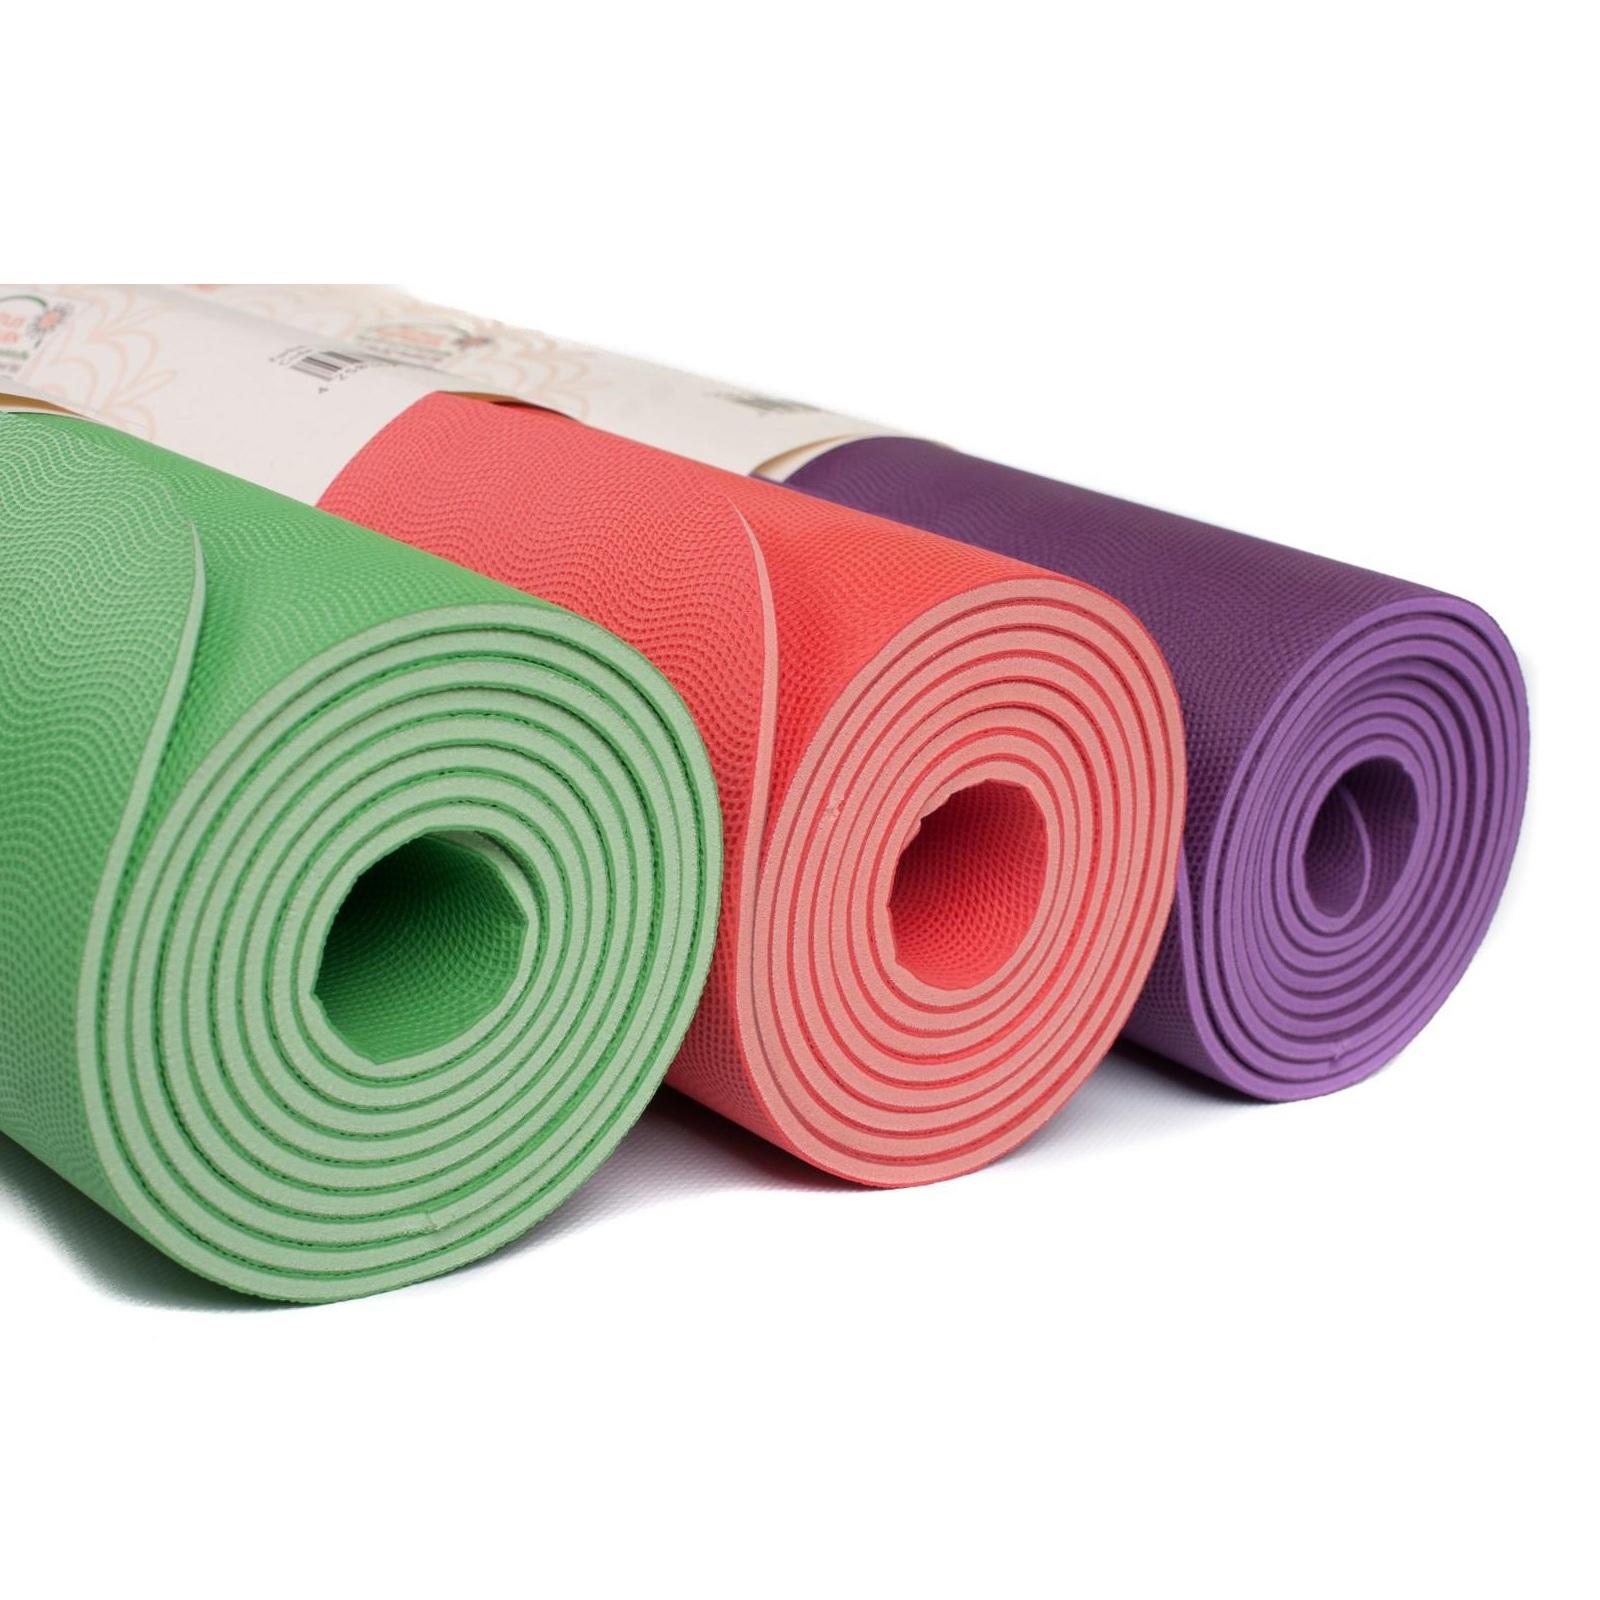 Коврик для йоги EcoPro Diamond 6мм из каучука  (2.5 кг, 185 см, 6 мм, фиолетовый, 60см)